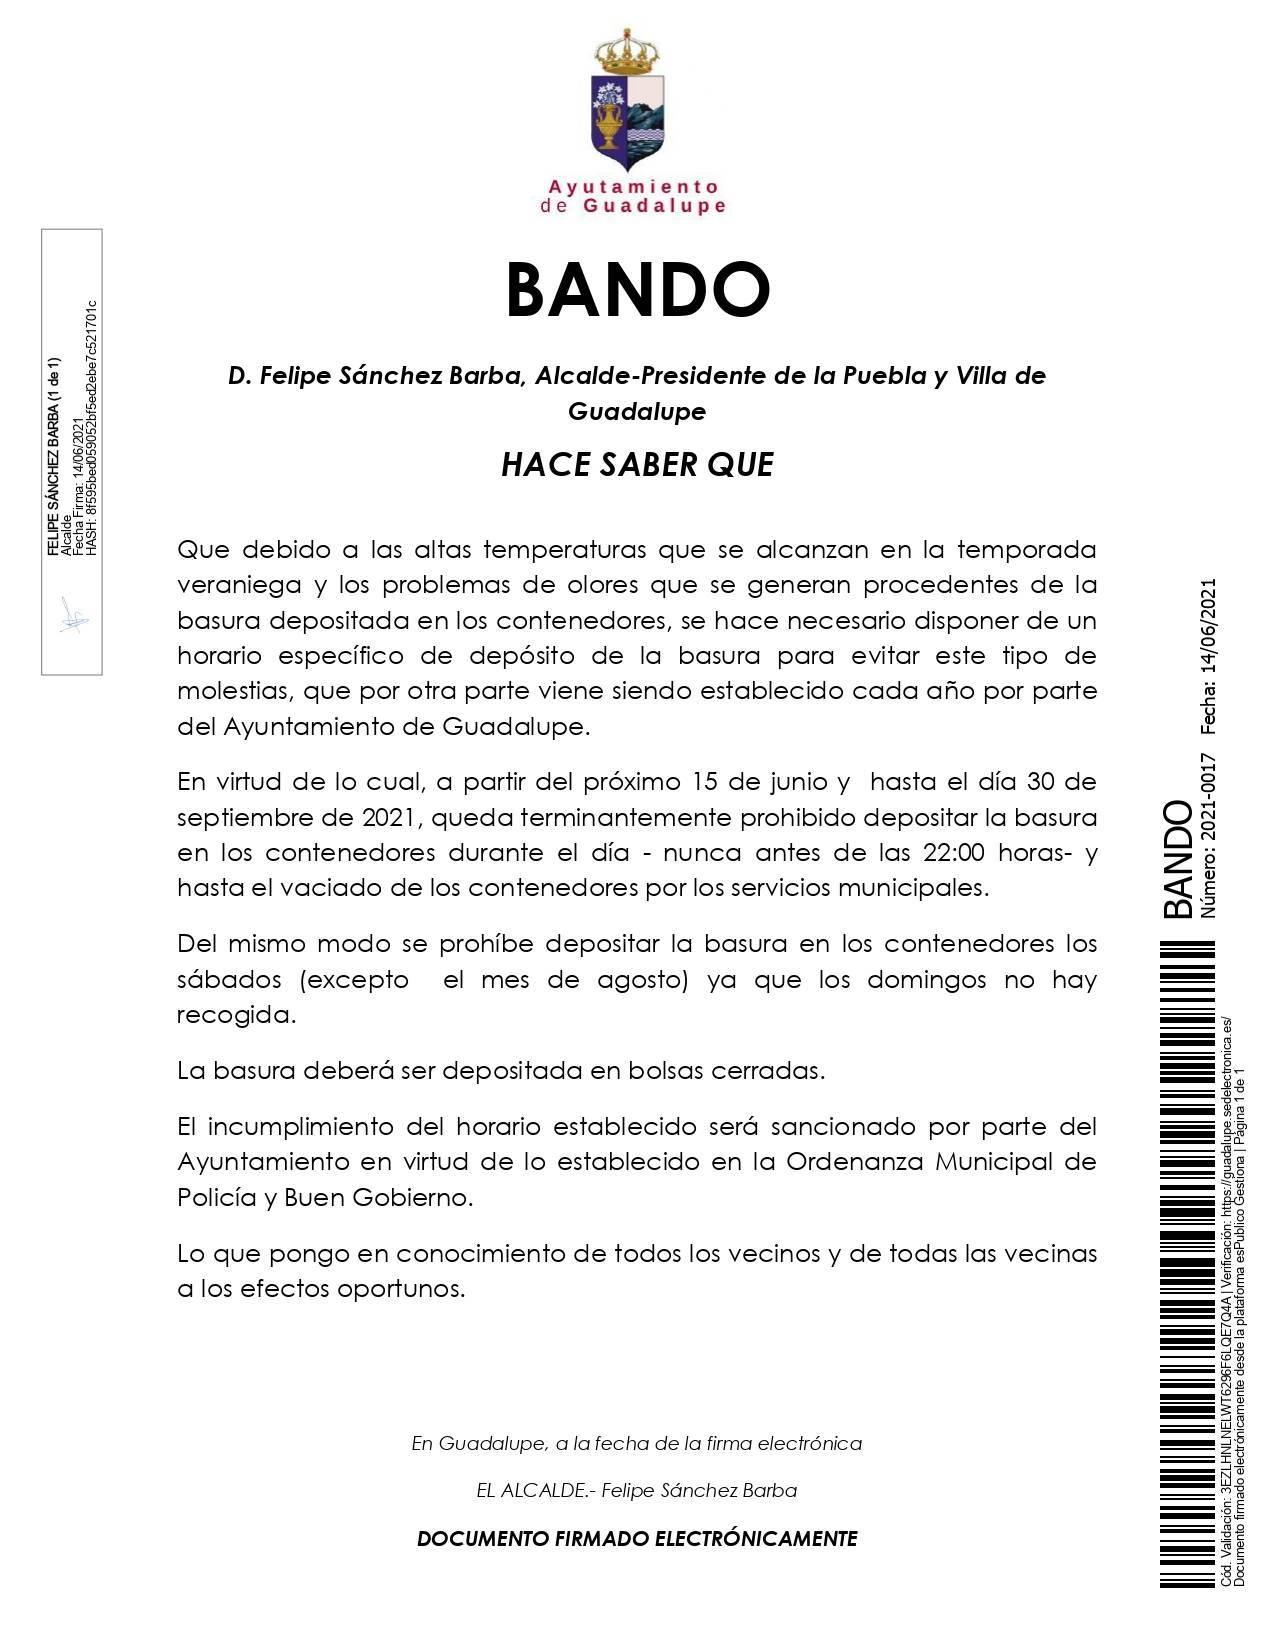 Nuevo horario de verano para depositar la basura (2021) - Guadalupe (Cáceres)